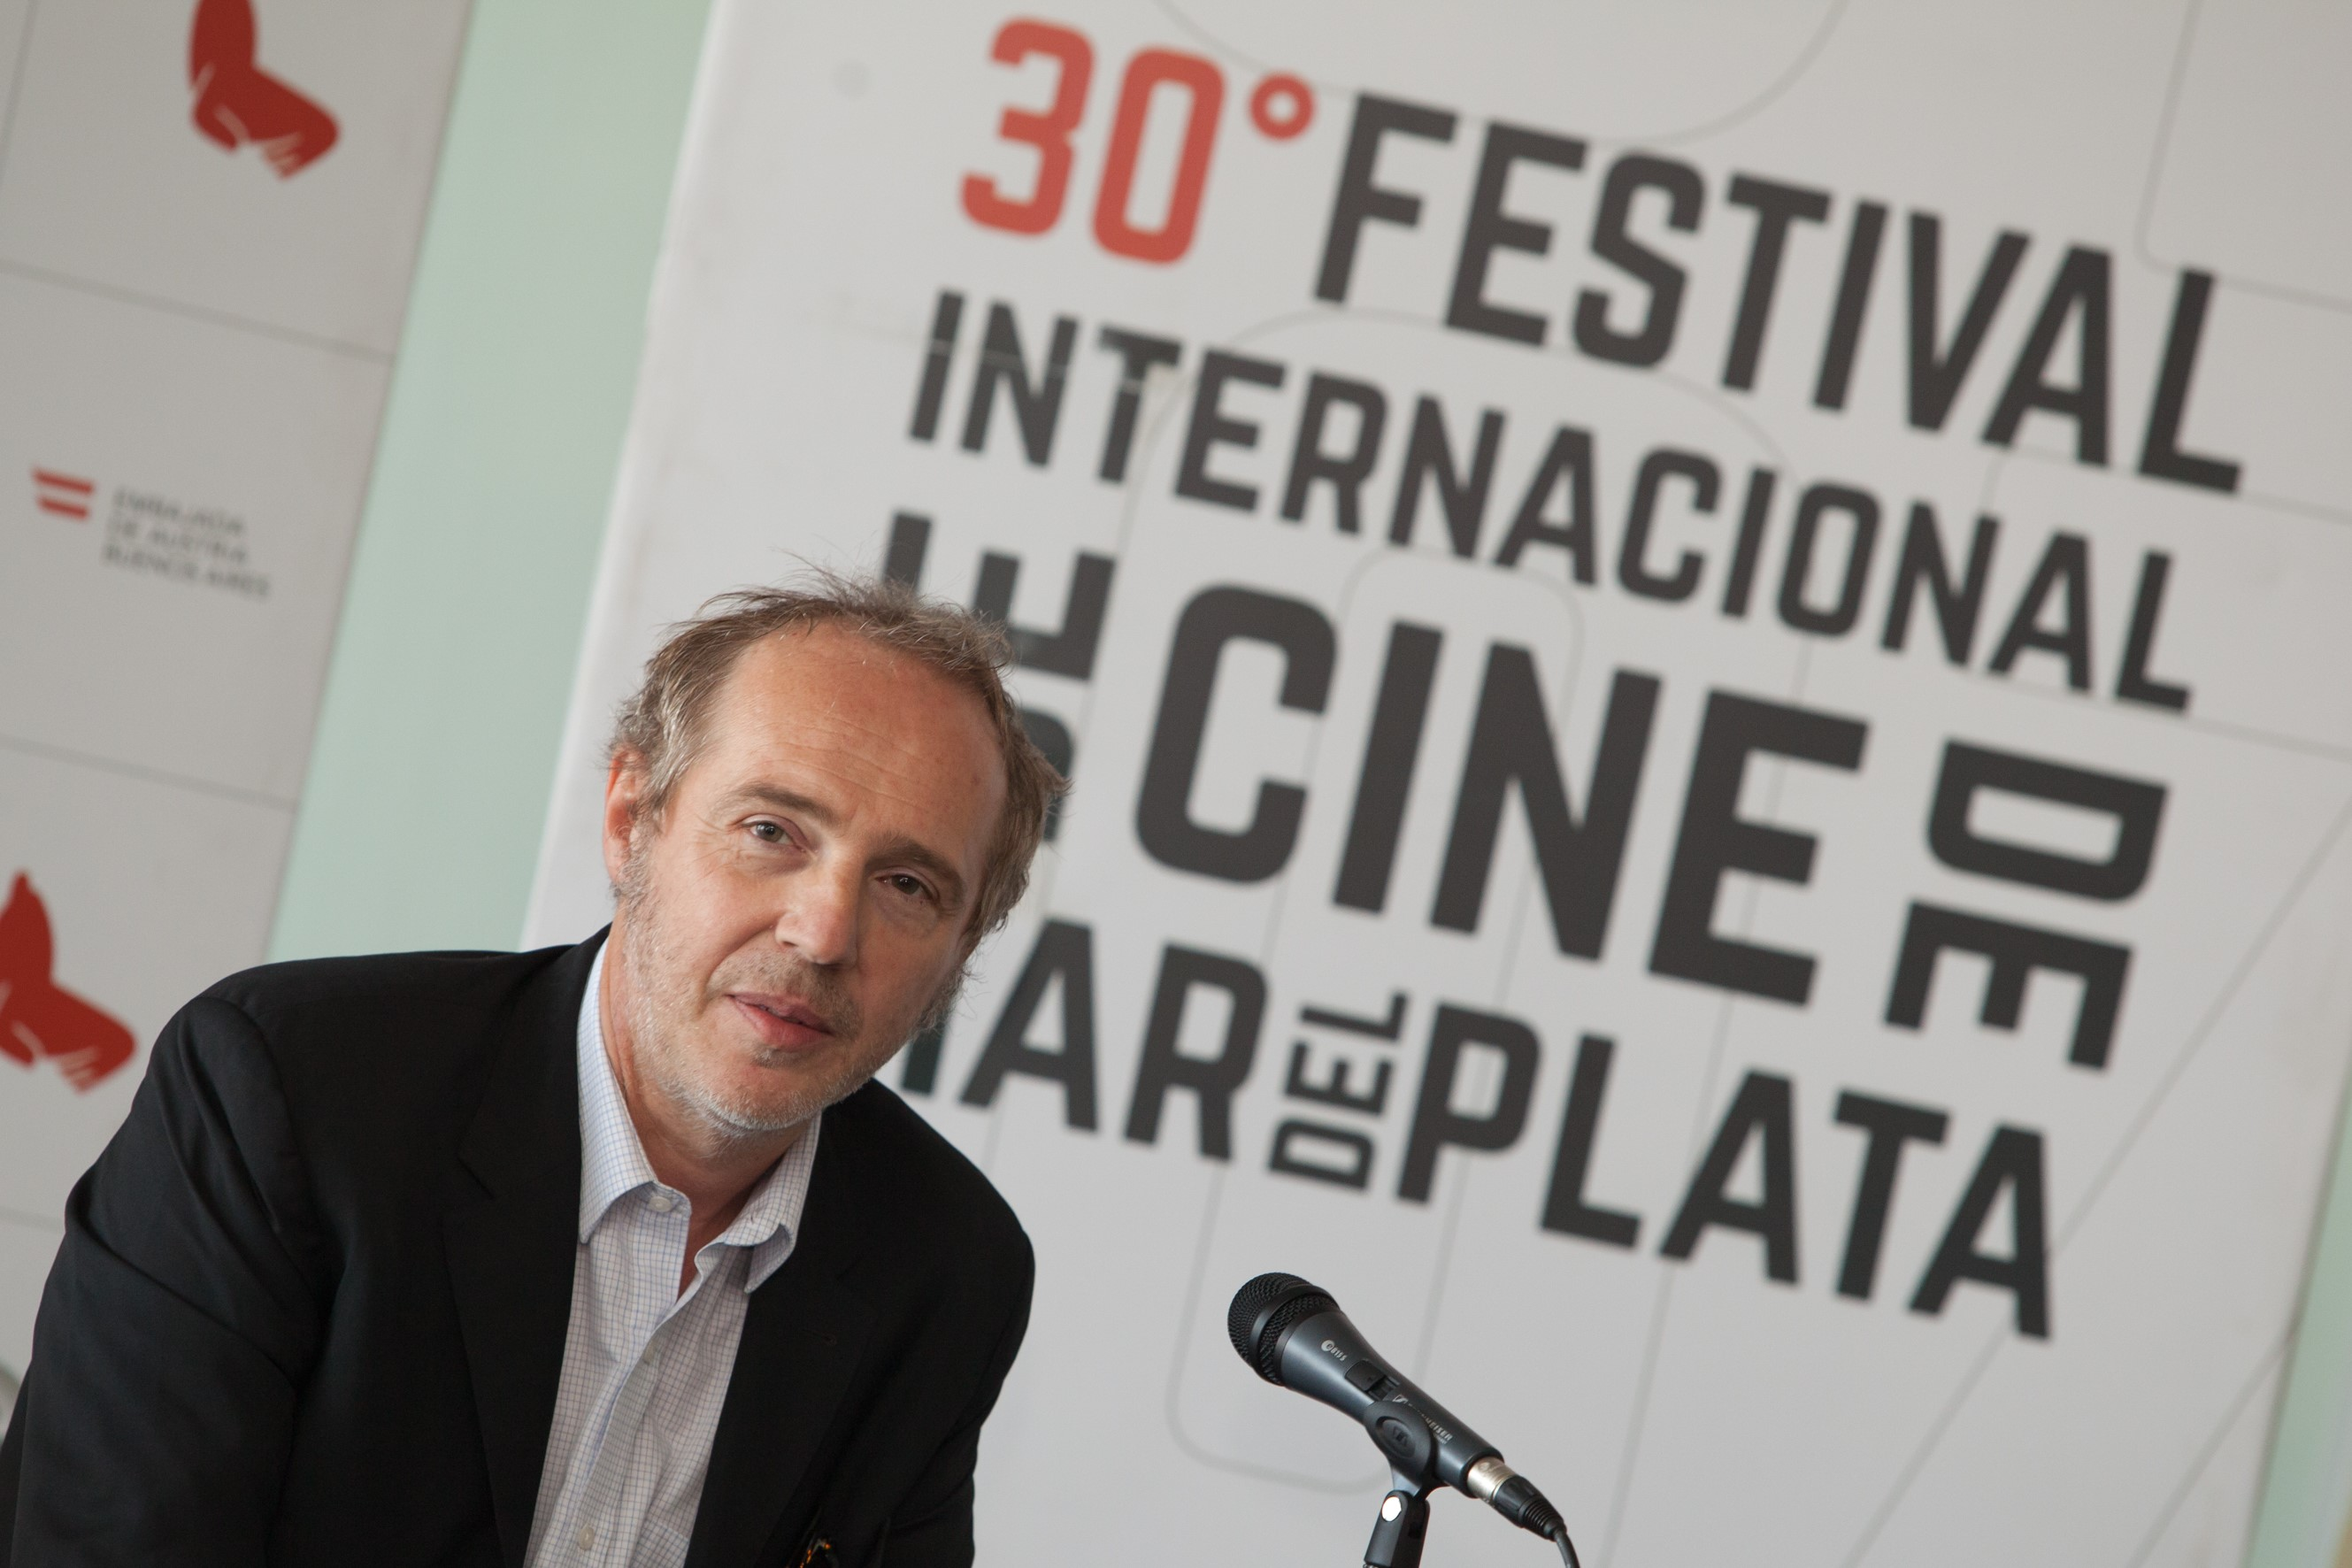 Arnaud Desplechin, invité d'honneur de la 30ème édition du Festival de Mar del Plata. Crédits : Festival International de Mar del Plata